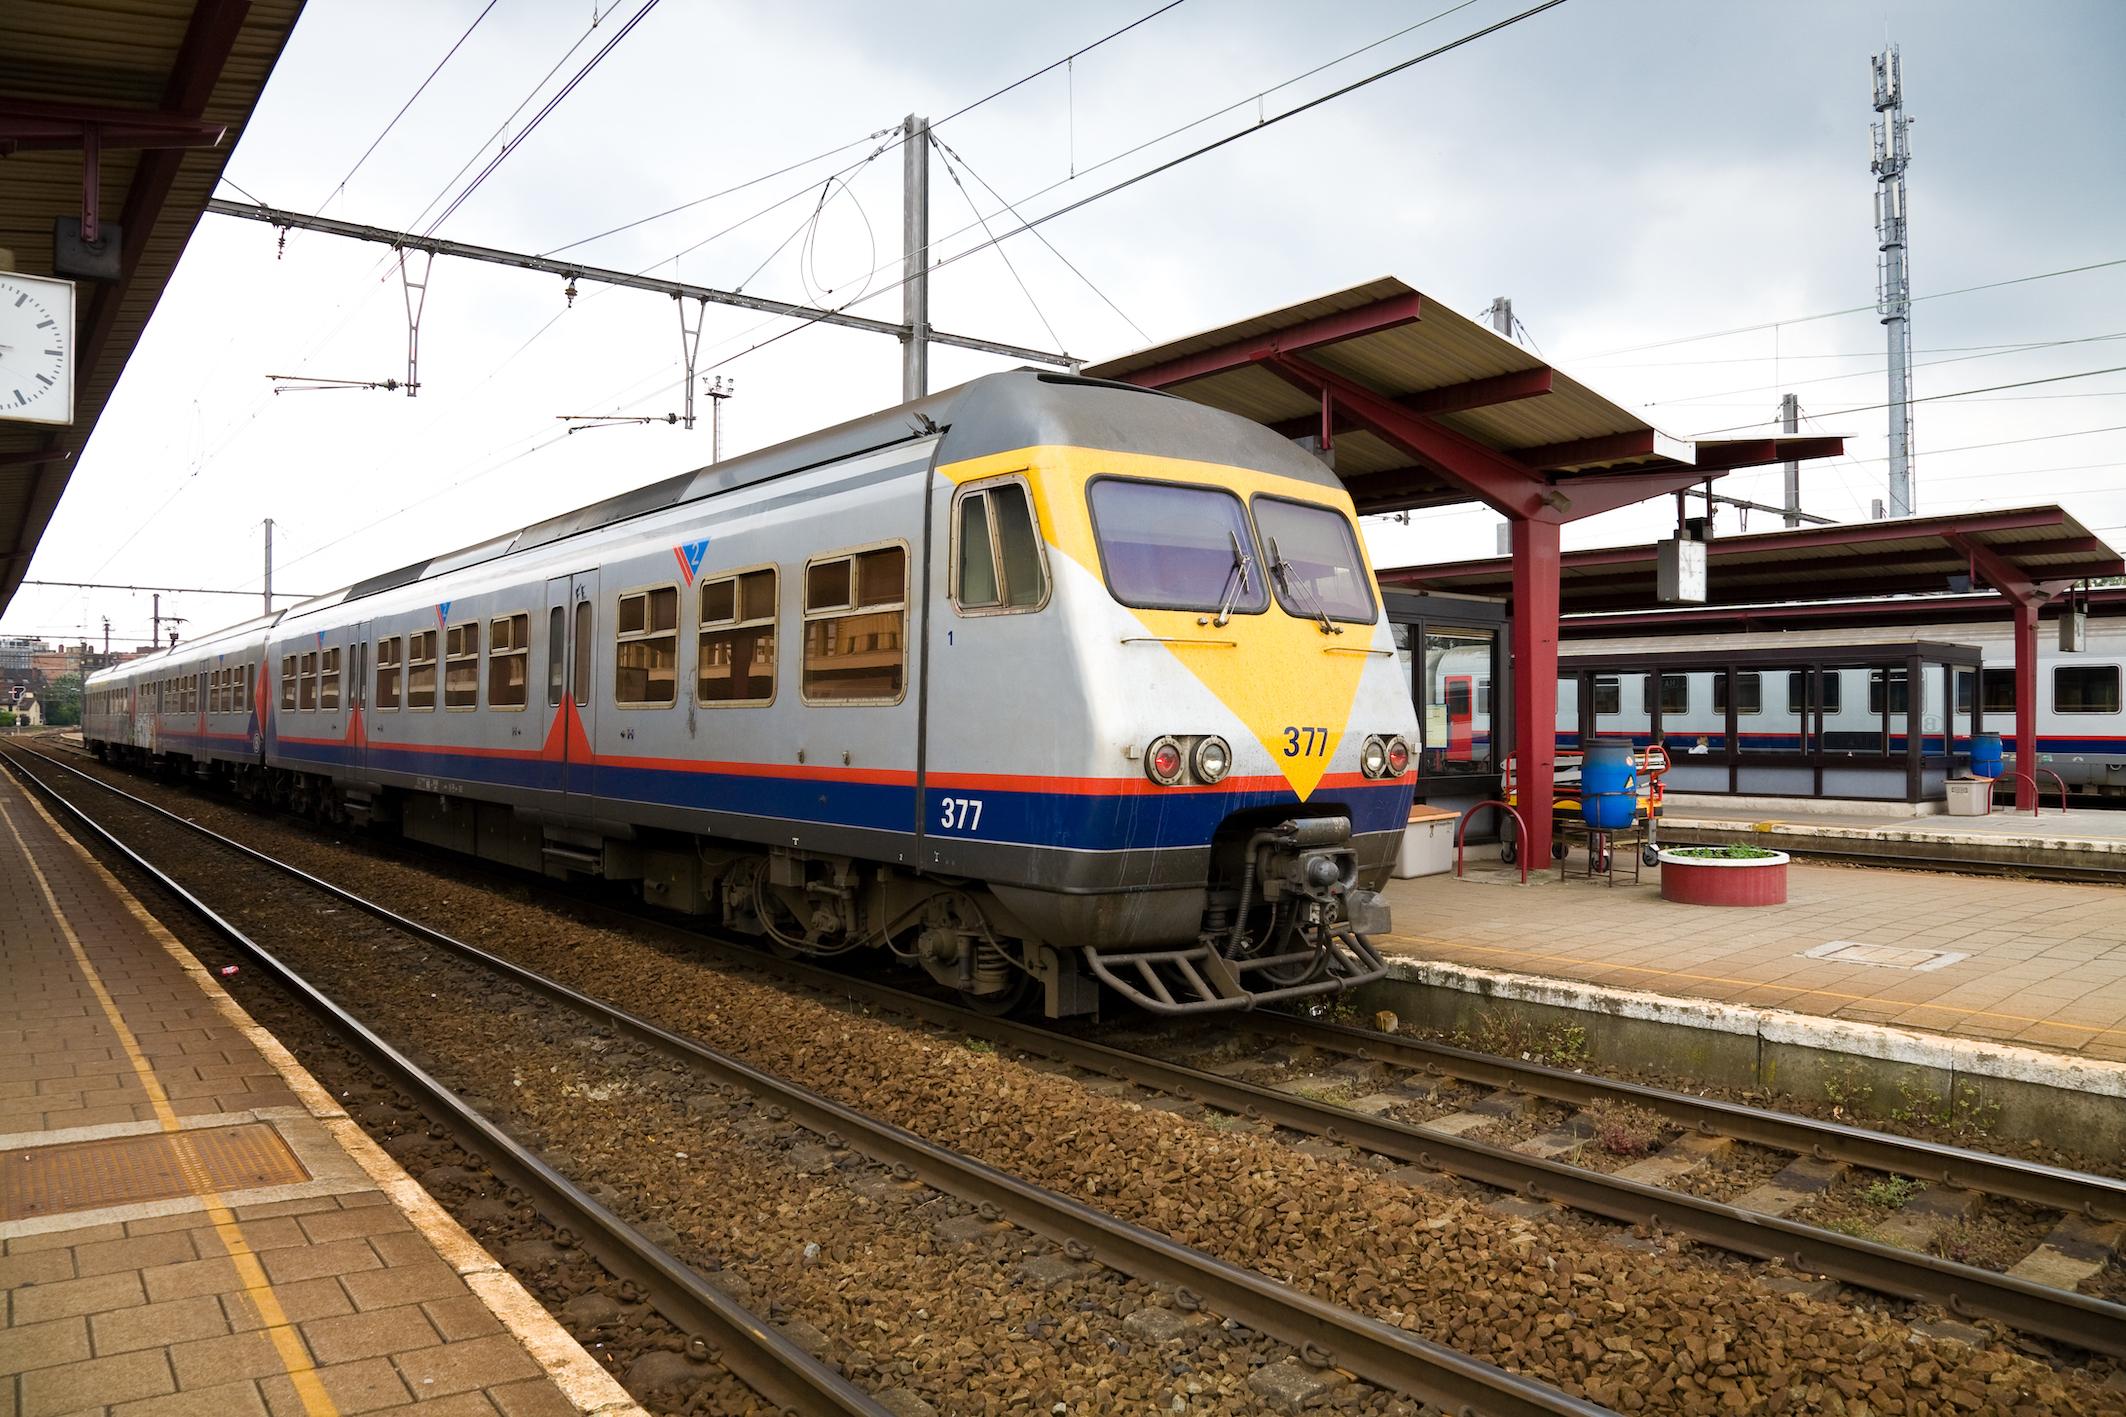 Mobilité: A Bruxelles, les déplacements en train ont augmenté de 44% en 3 ans